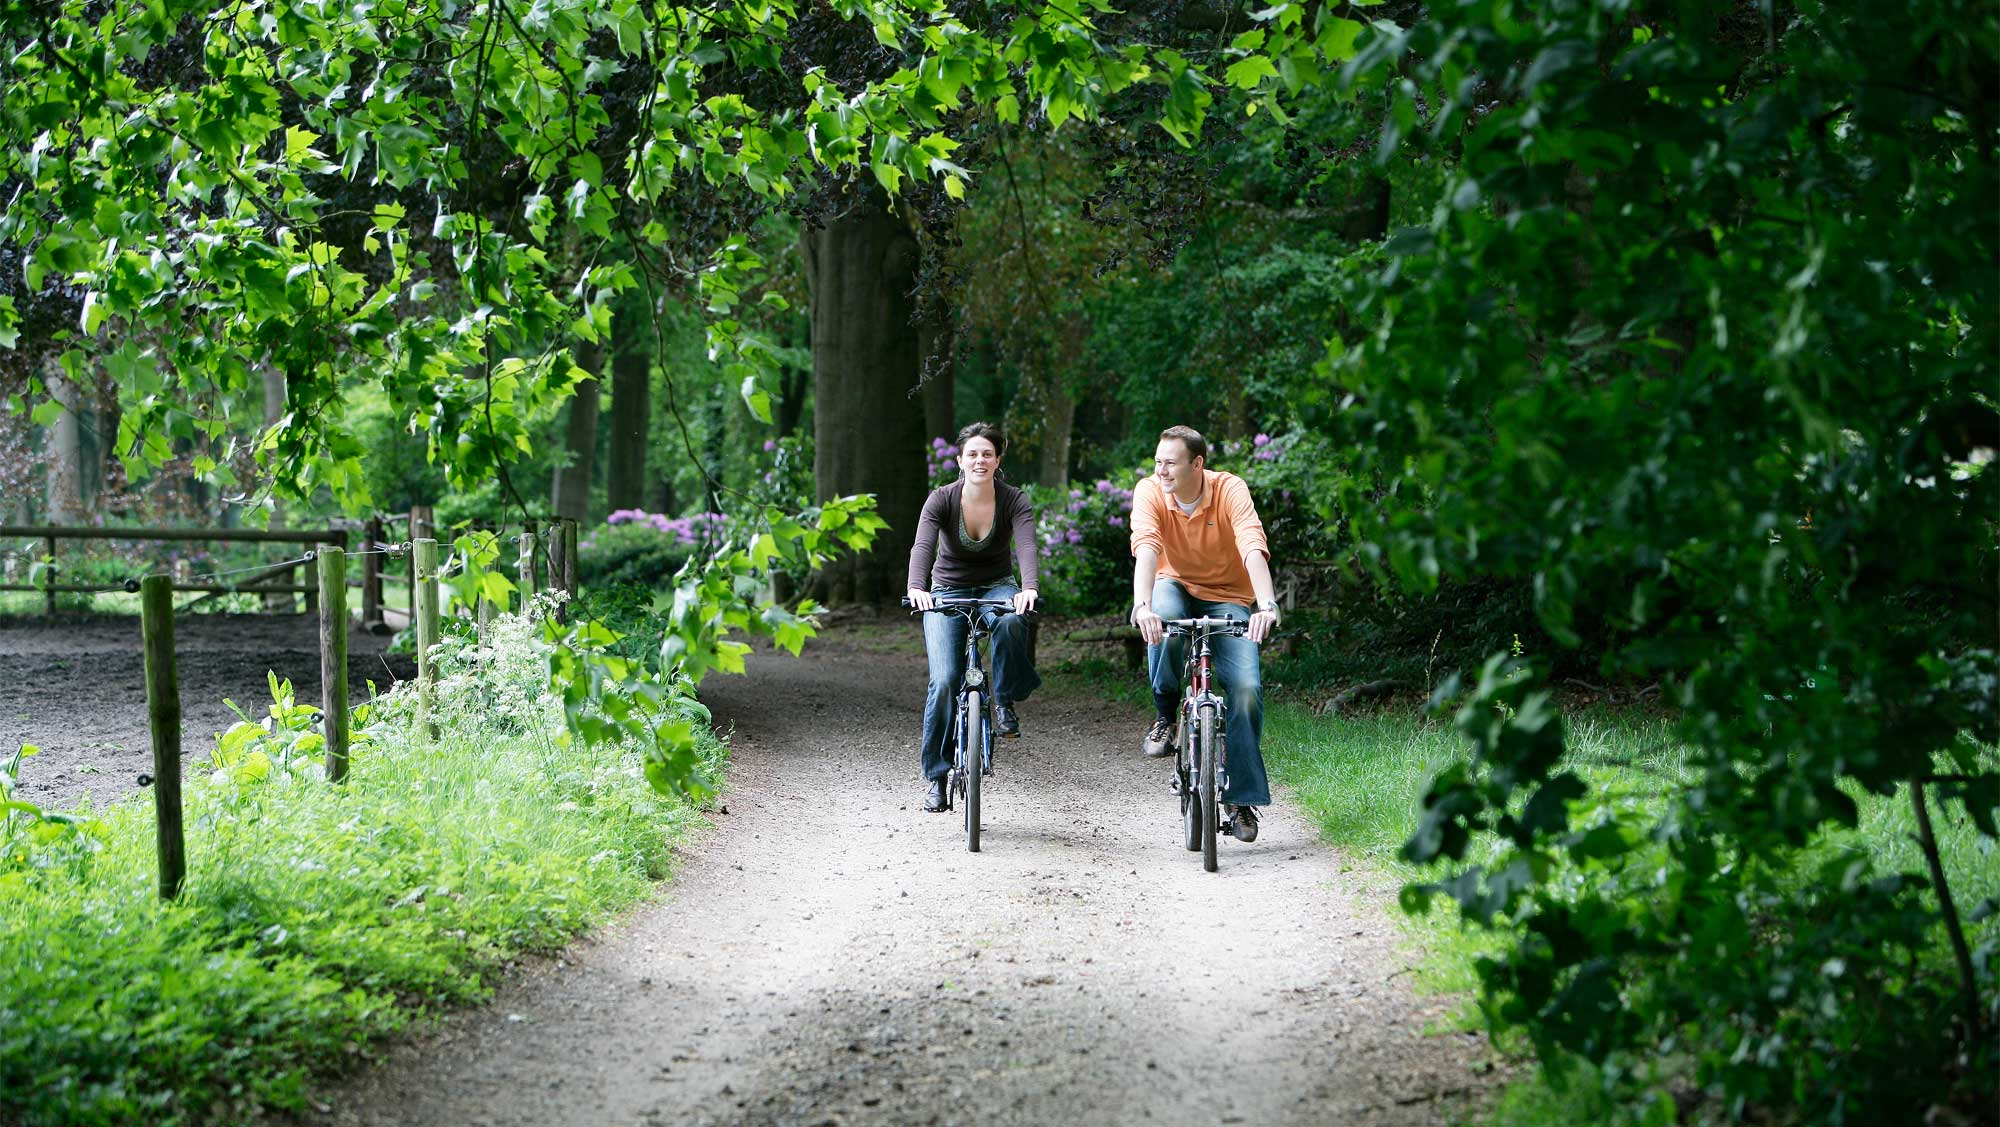 Omgeving Molecaten parken Hattem Heerde 08 fietsen